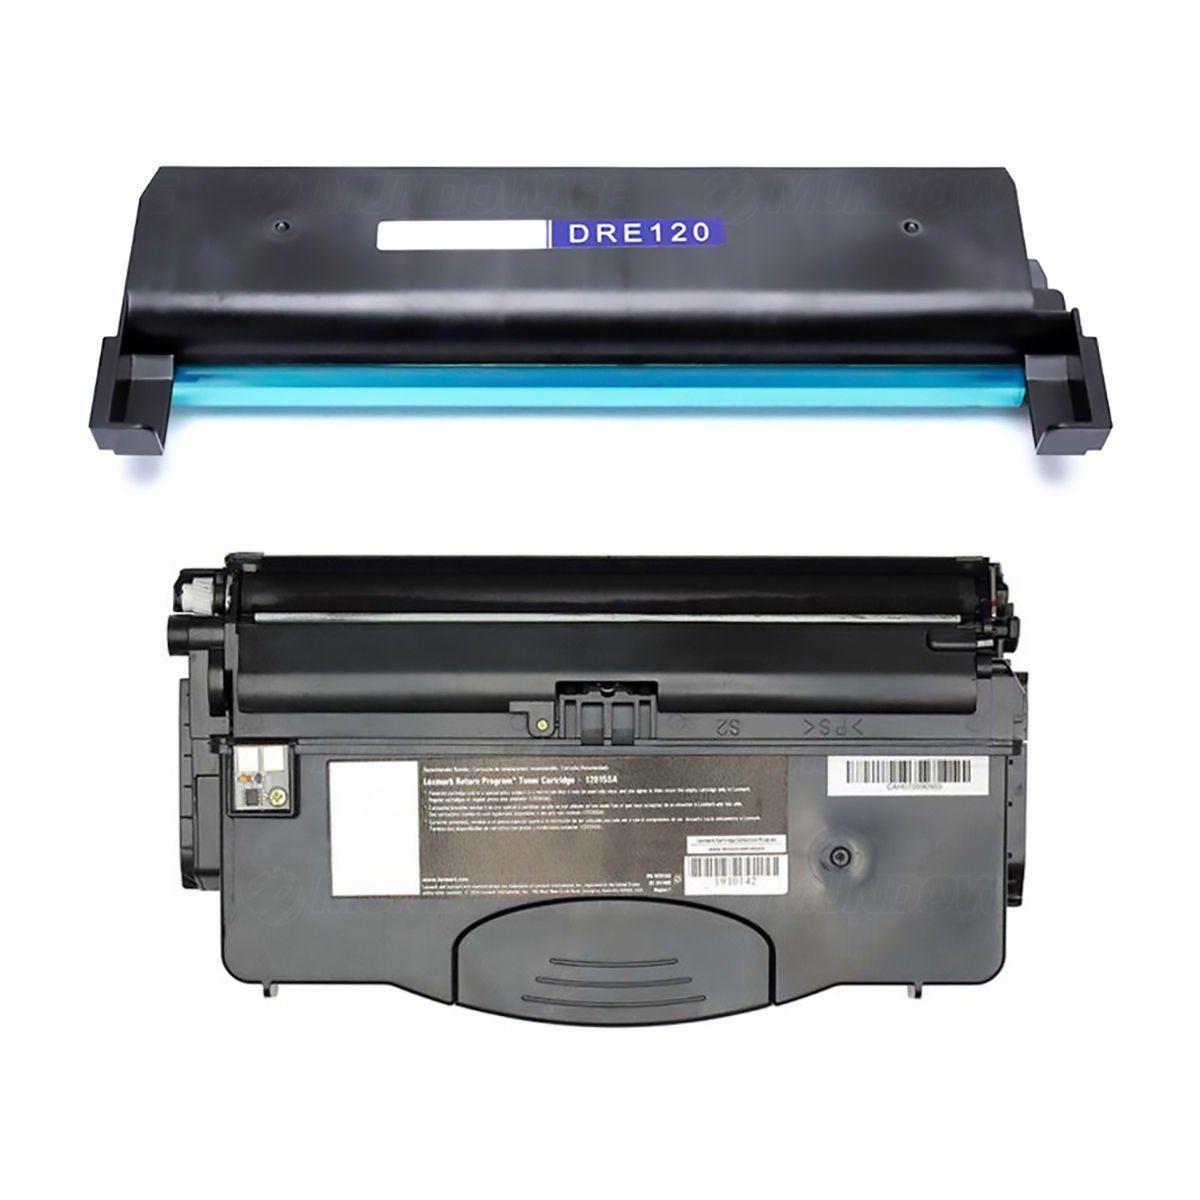 Compatível: Combo Fotocondutor DRE120 + Toner E120 para impressora Lexmark E120 E120n